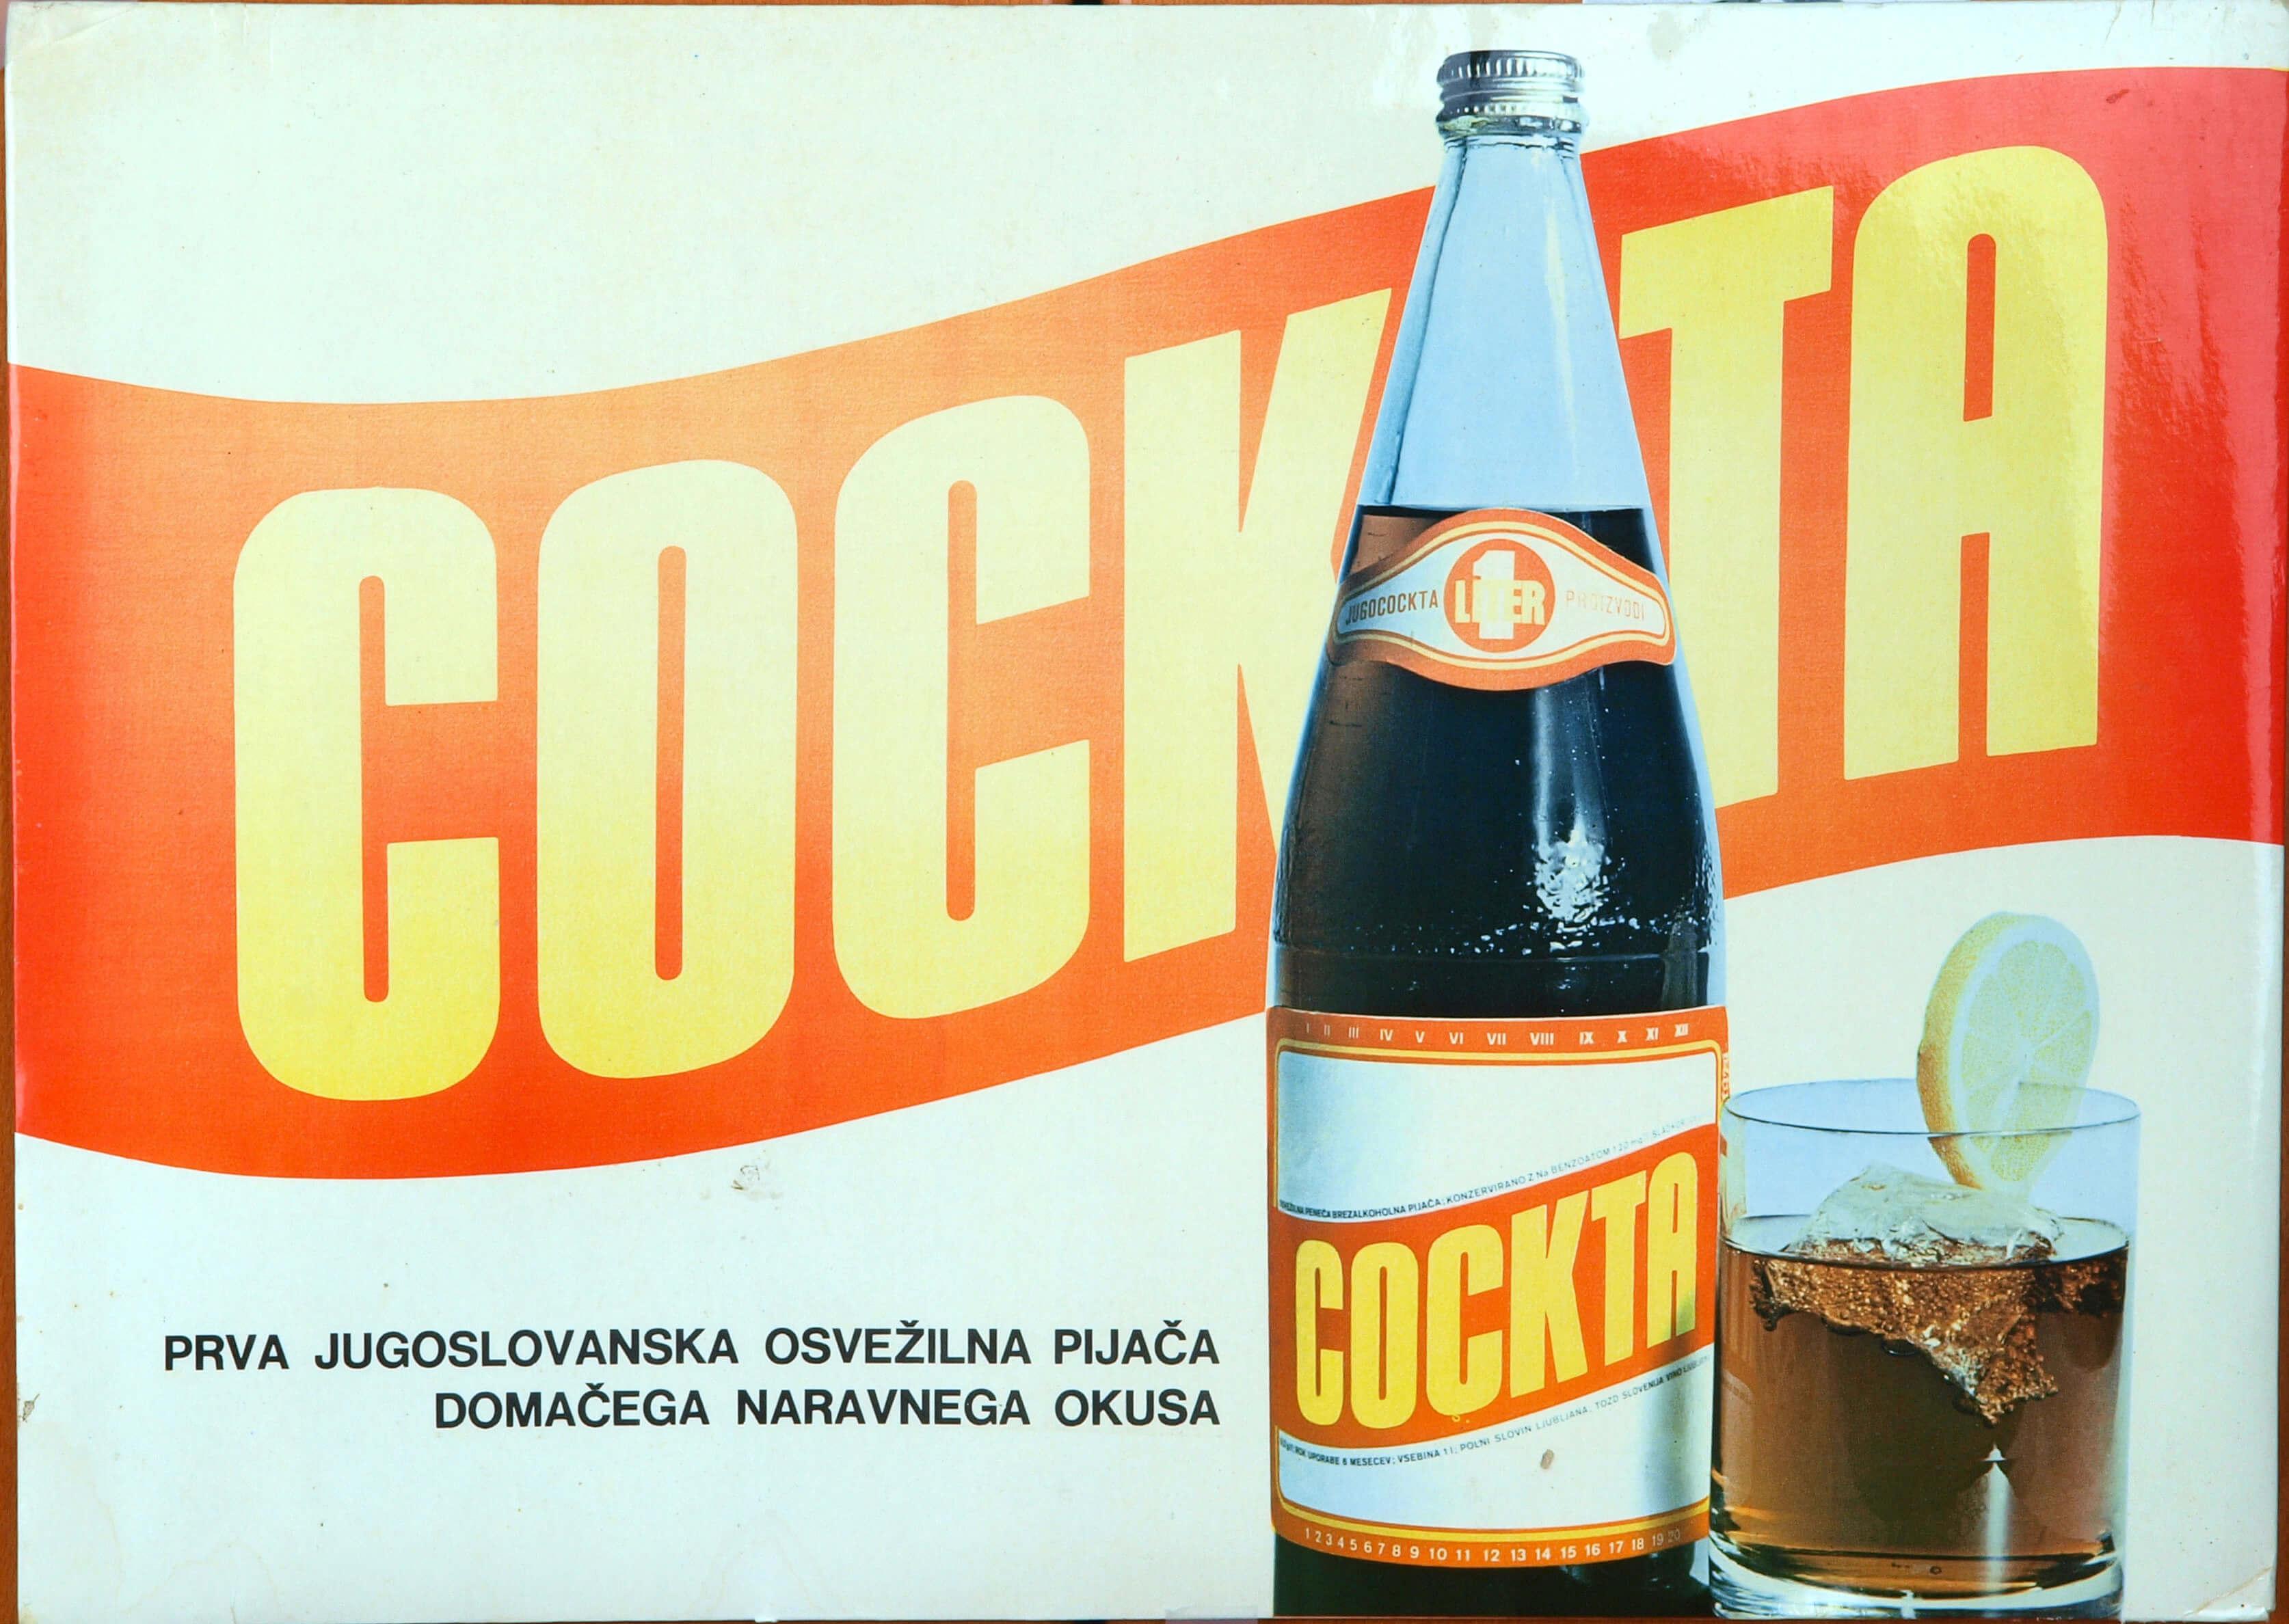 cockta rebranding